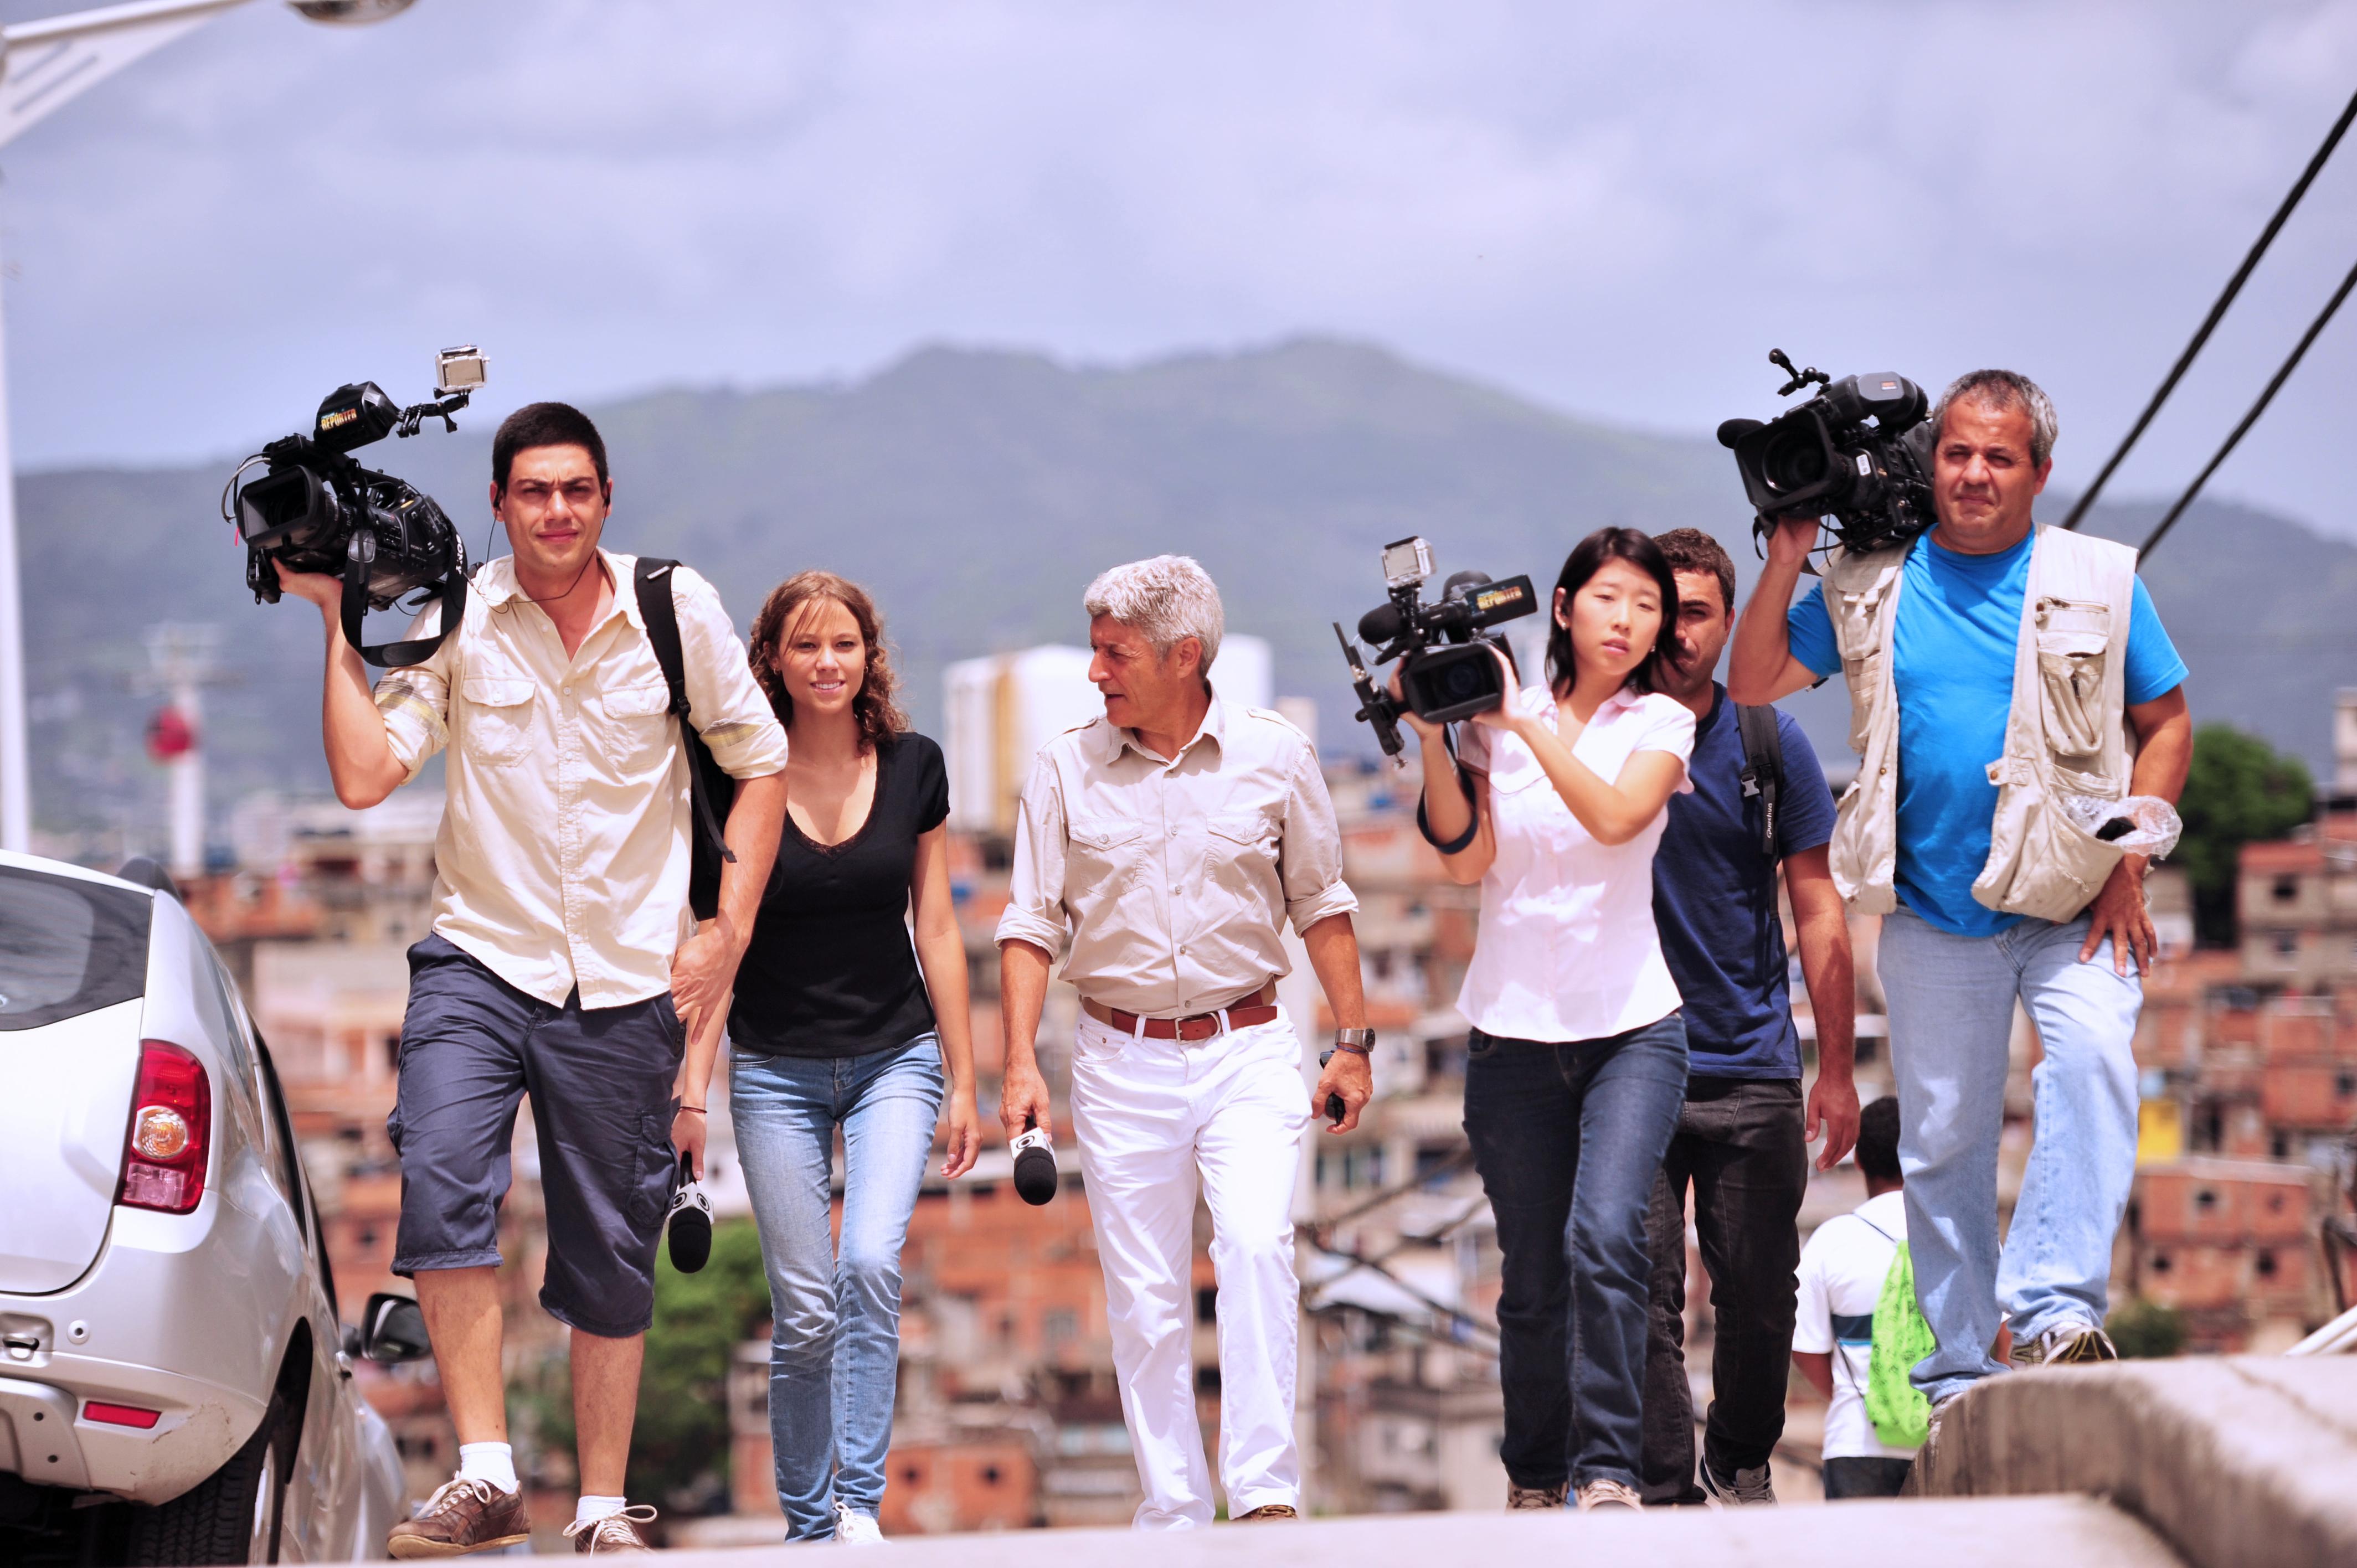 Caco Barcellos e sua equipe de jornalistas no Complexo do Alemão, em 2013